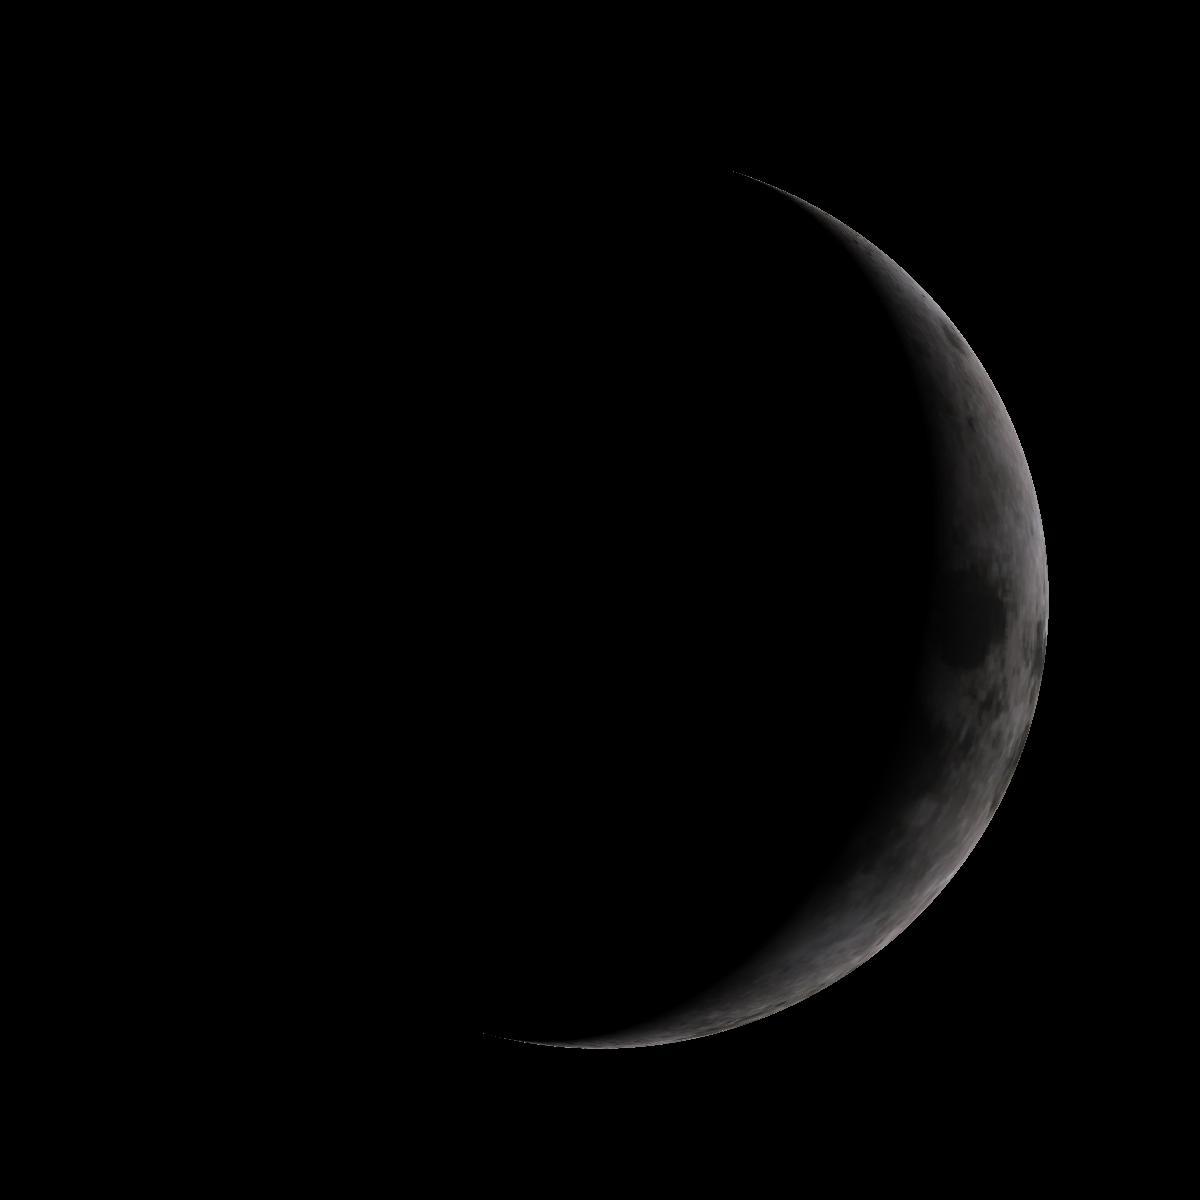 Lune du 30 décembre 2019